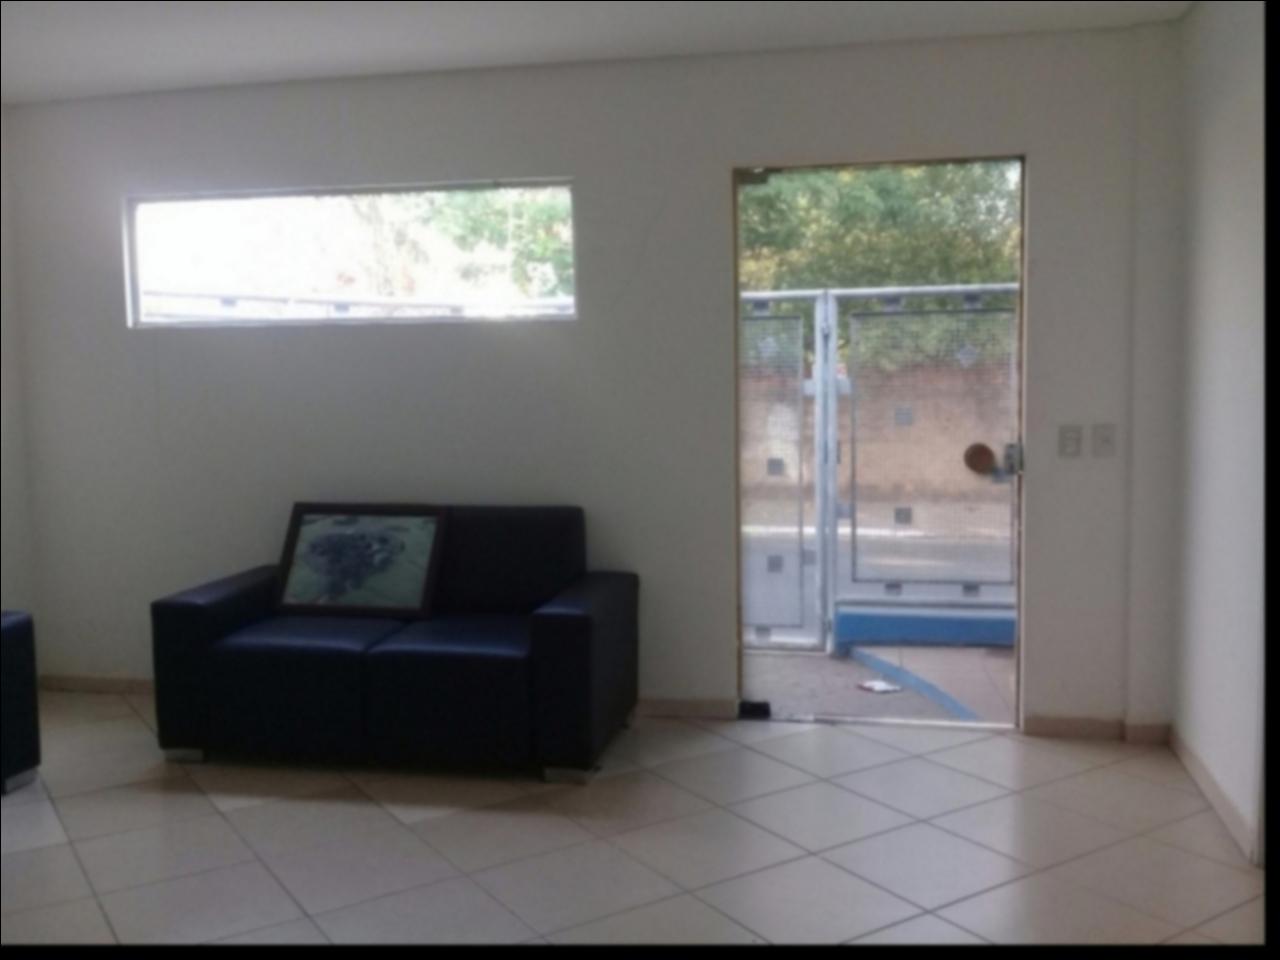 Casa  com 3 quartos sendo 3 Suítes no Jardim das Palmeiras, Cuiabá  - MT